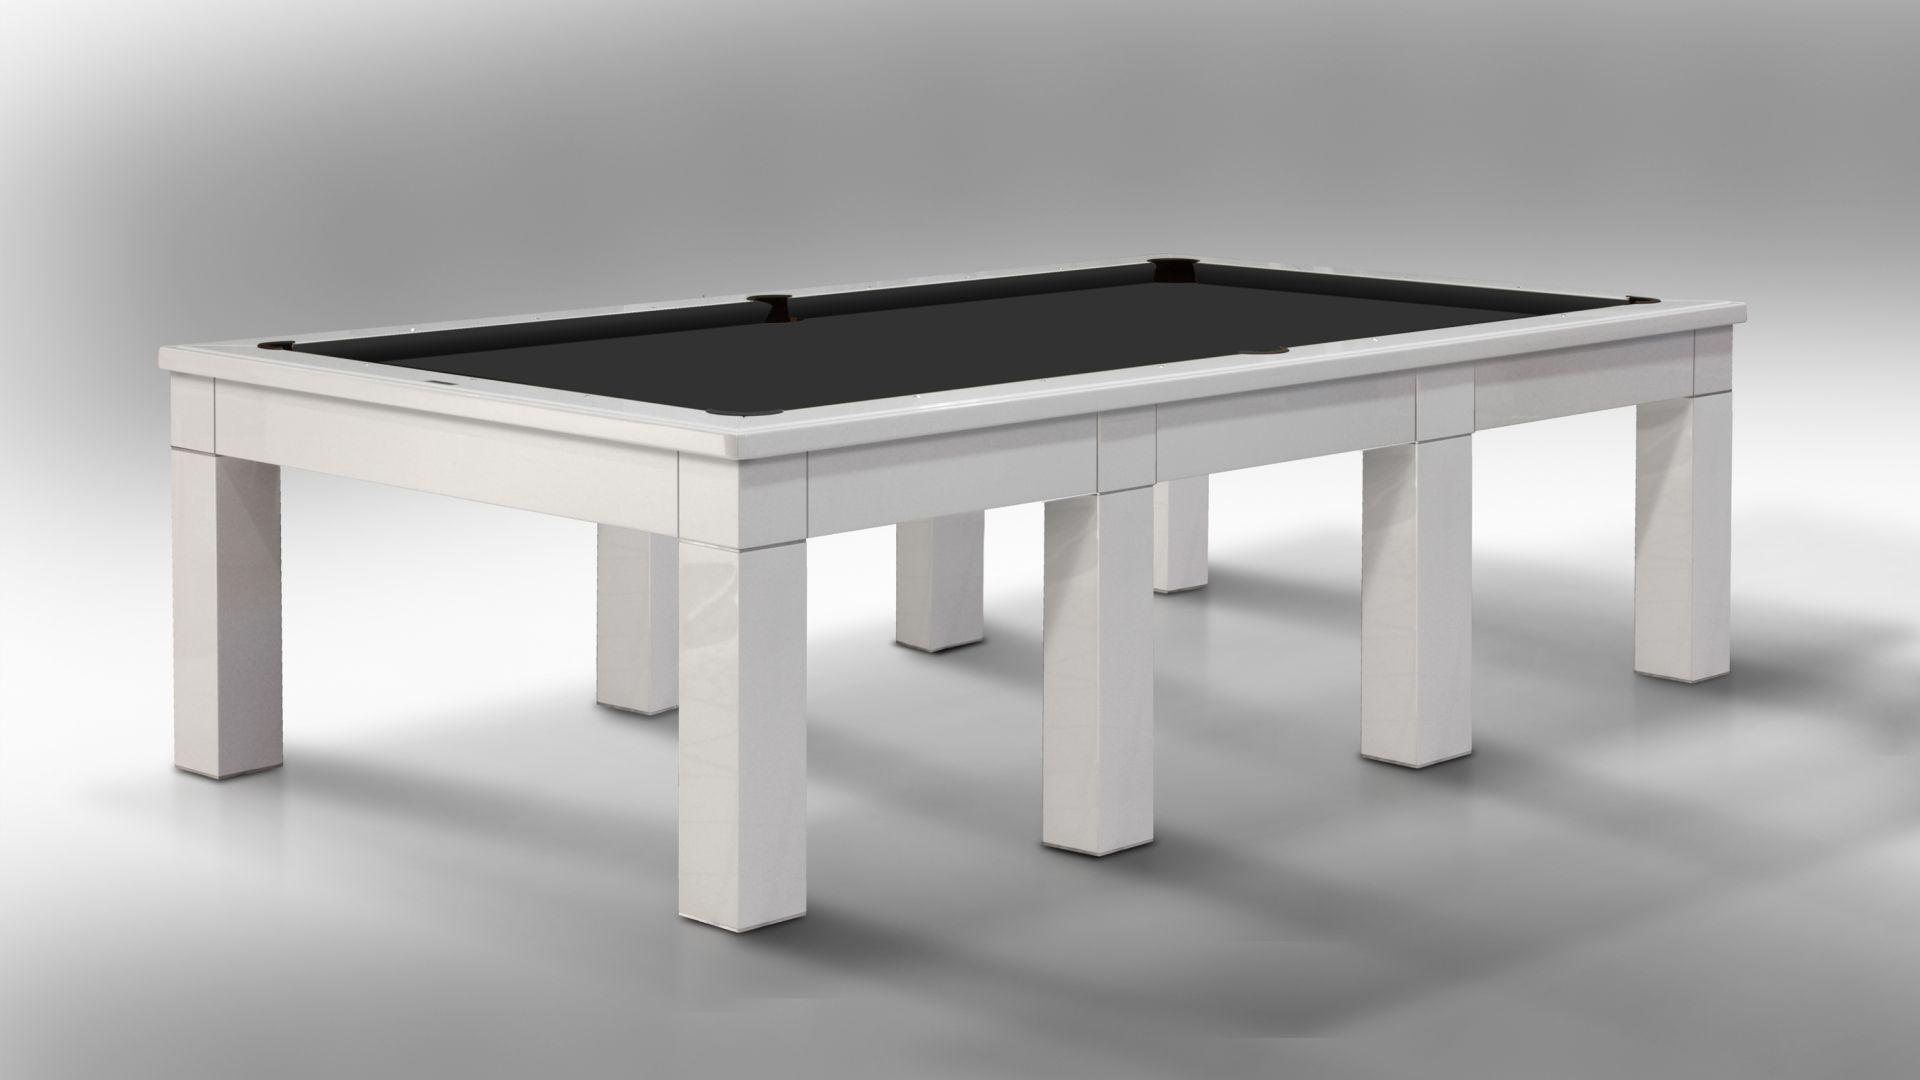 Luxor Billiard Pool Table 6-8 bases 1